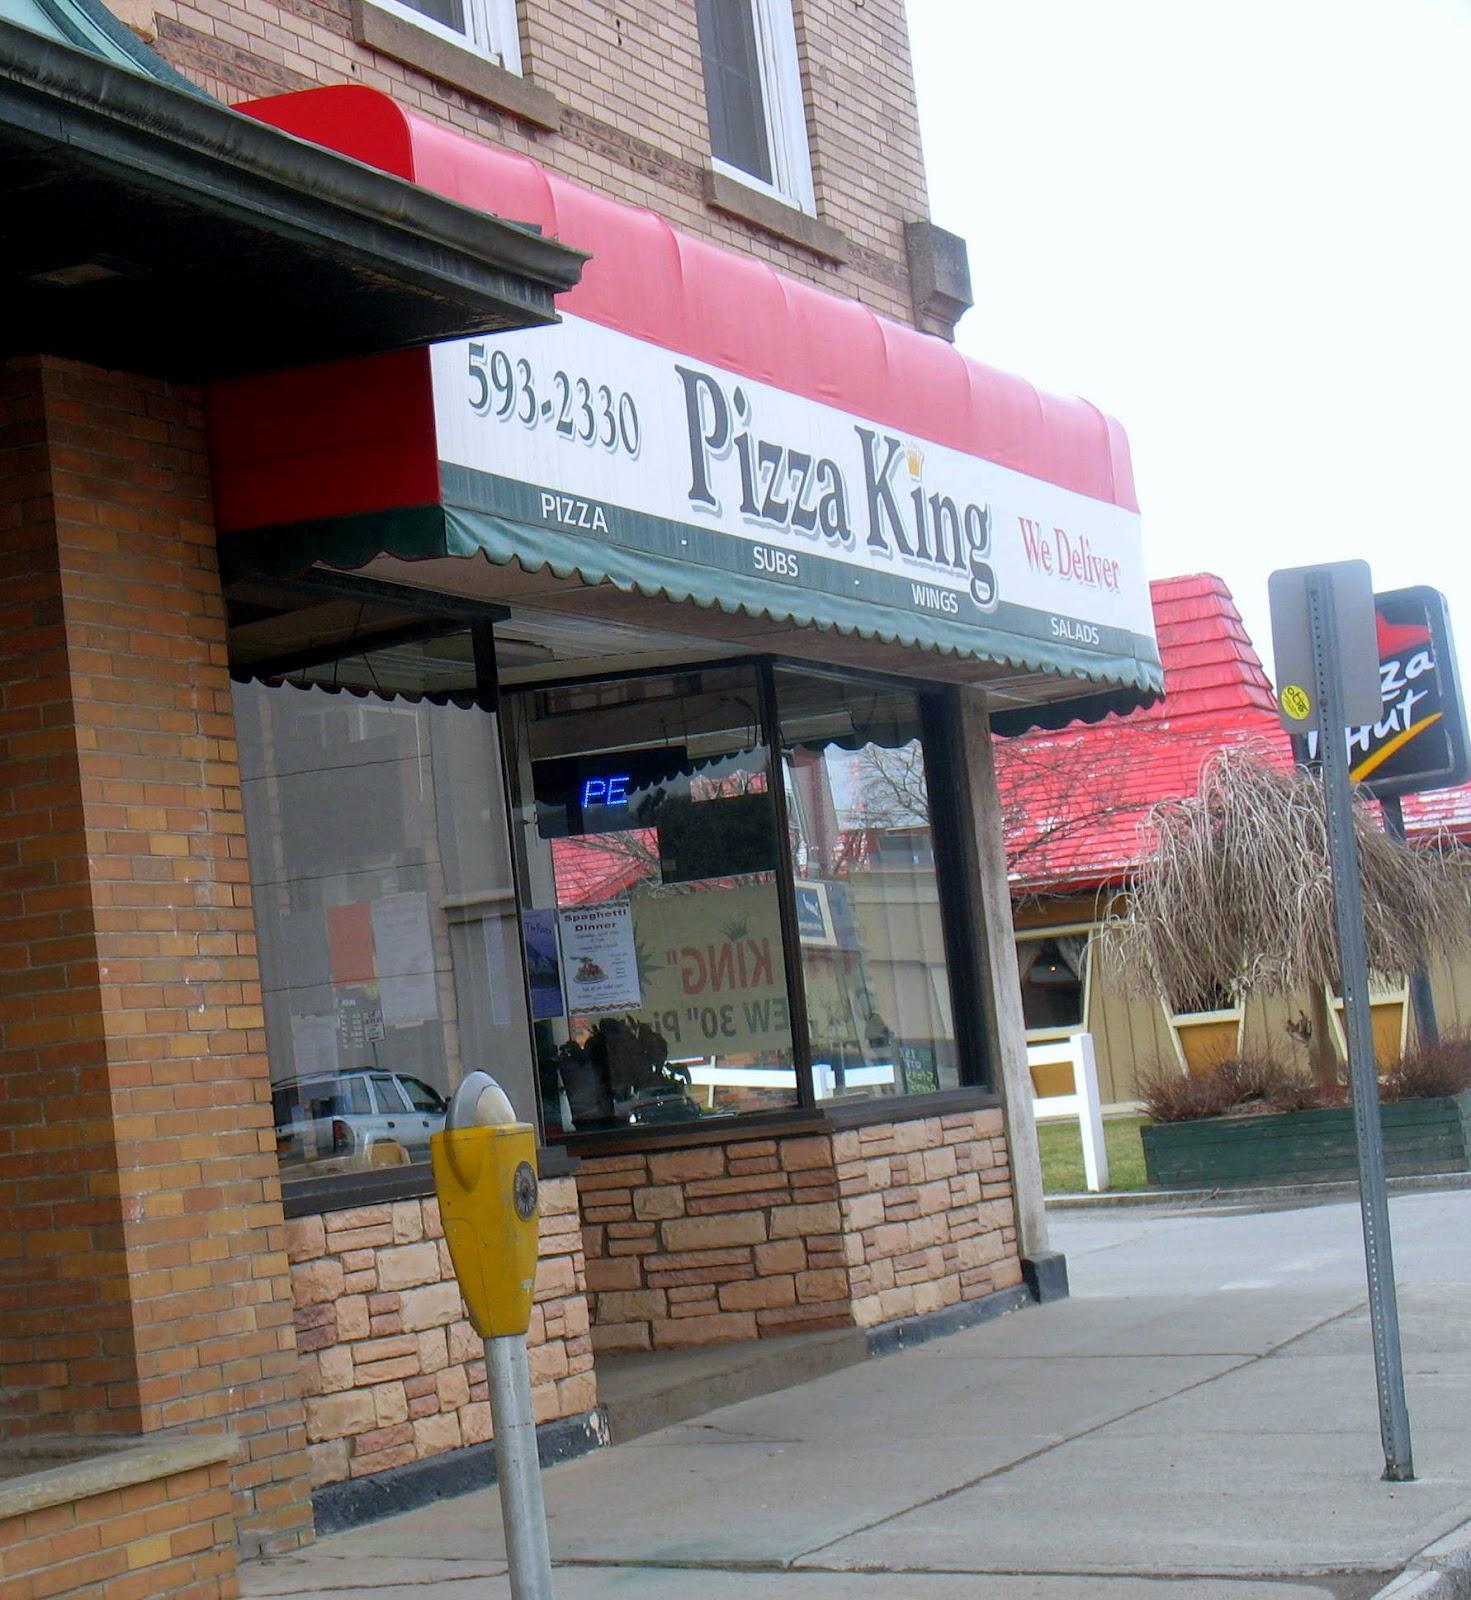 http://2.bp.blogspot.com/-7foFDgzef60/T2dKuXXJnEI/AAAAAAAACs8/0dOqQkmhQQs/s1600/Pizza+King+Wellsville+1782x1938.JPG